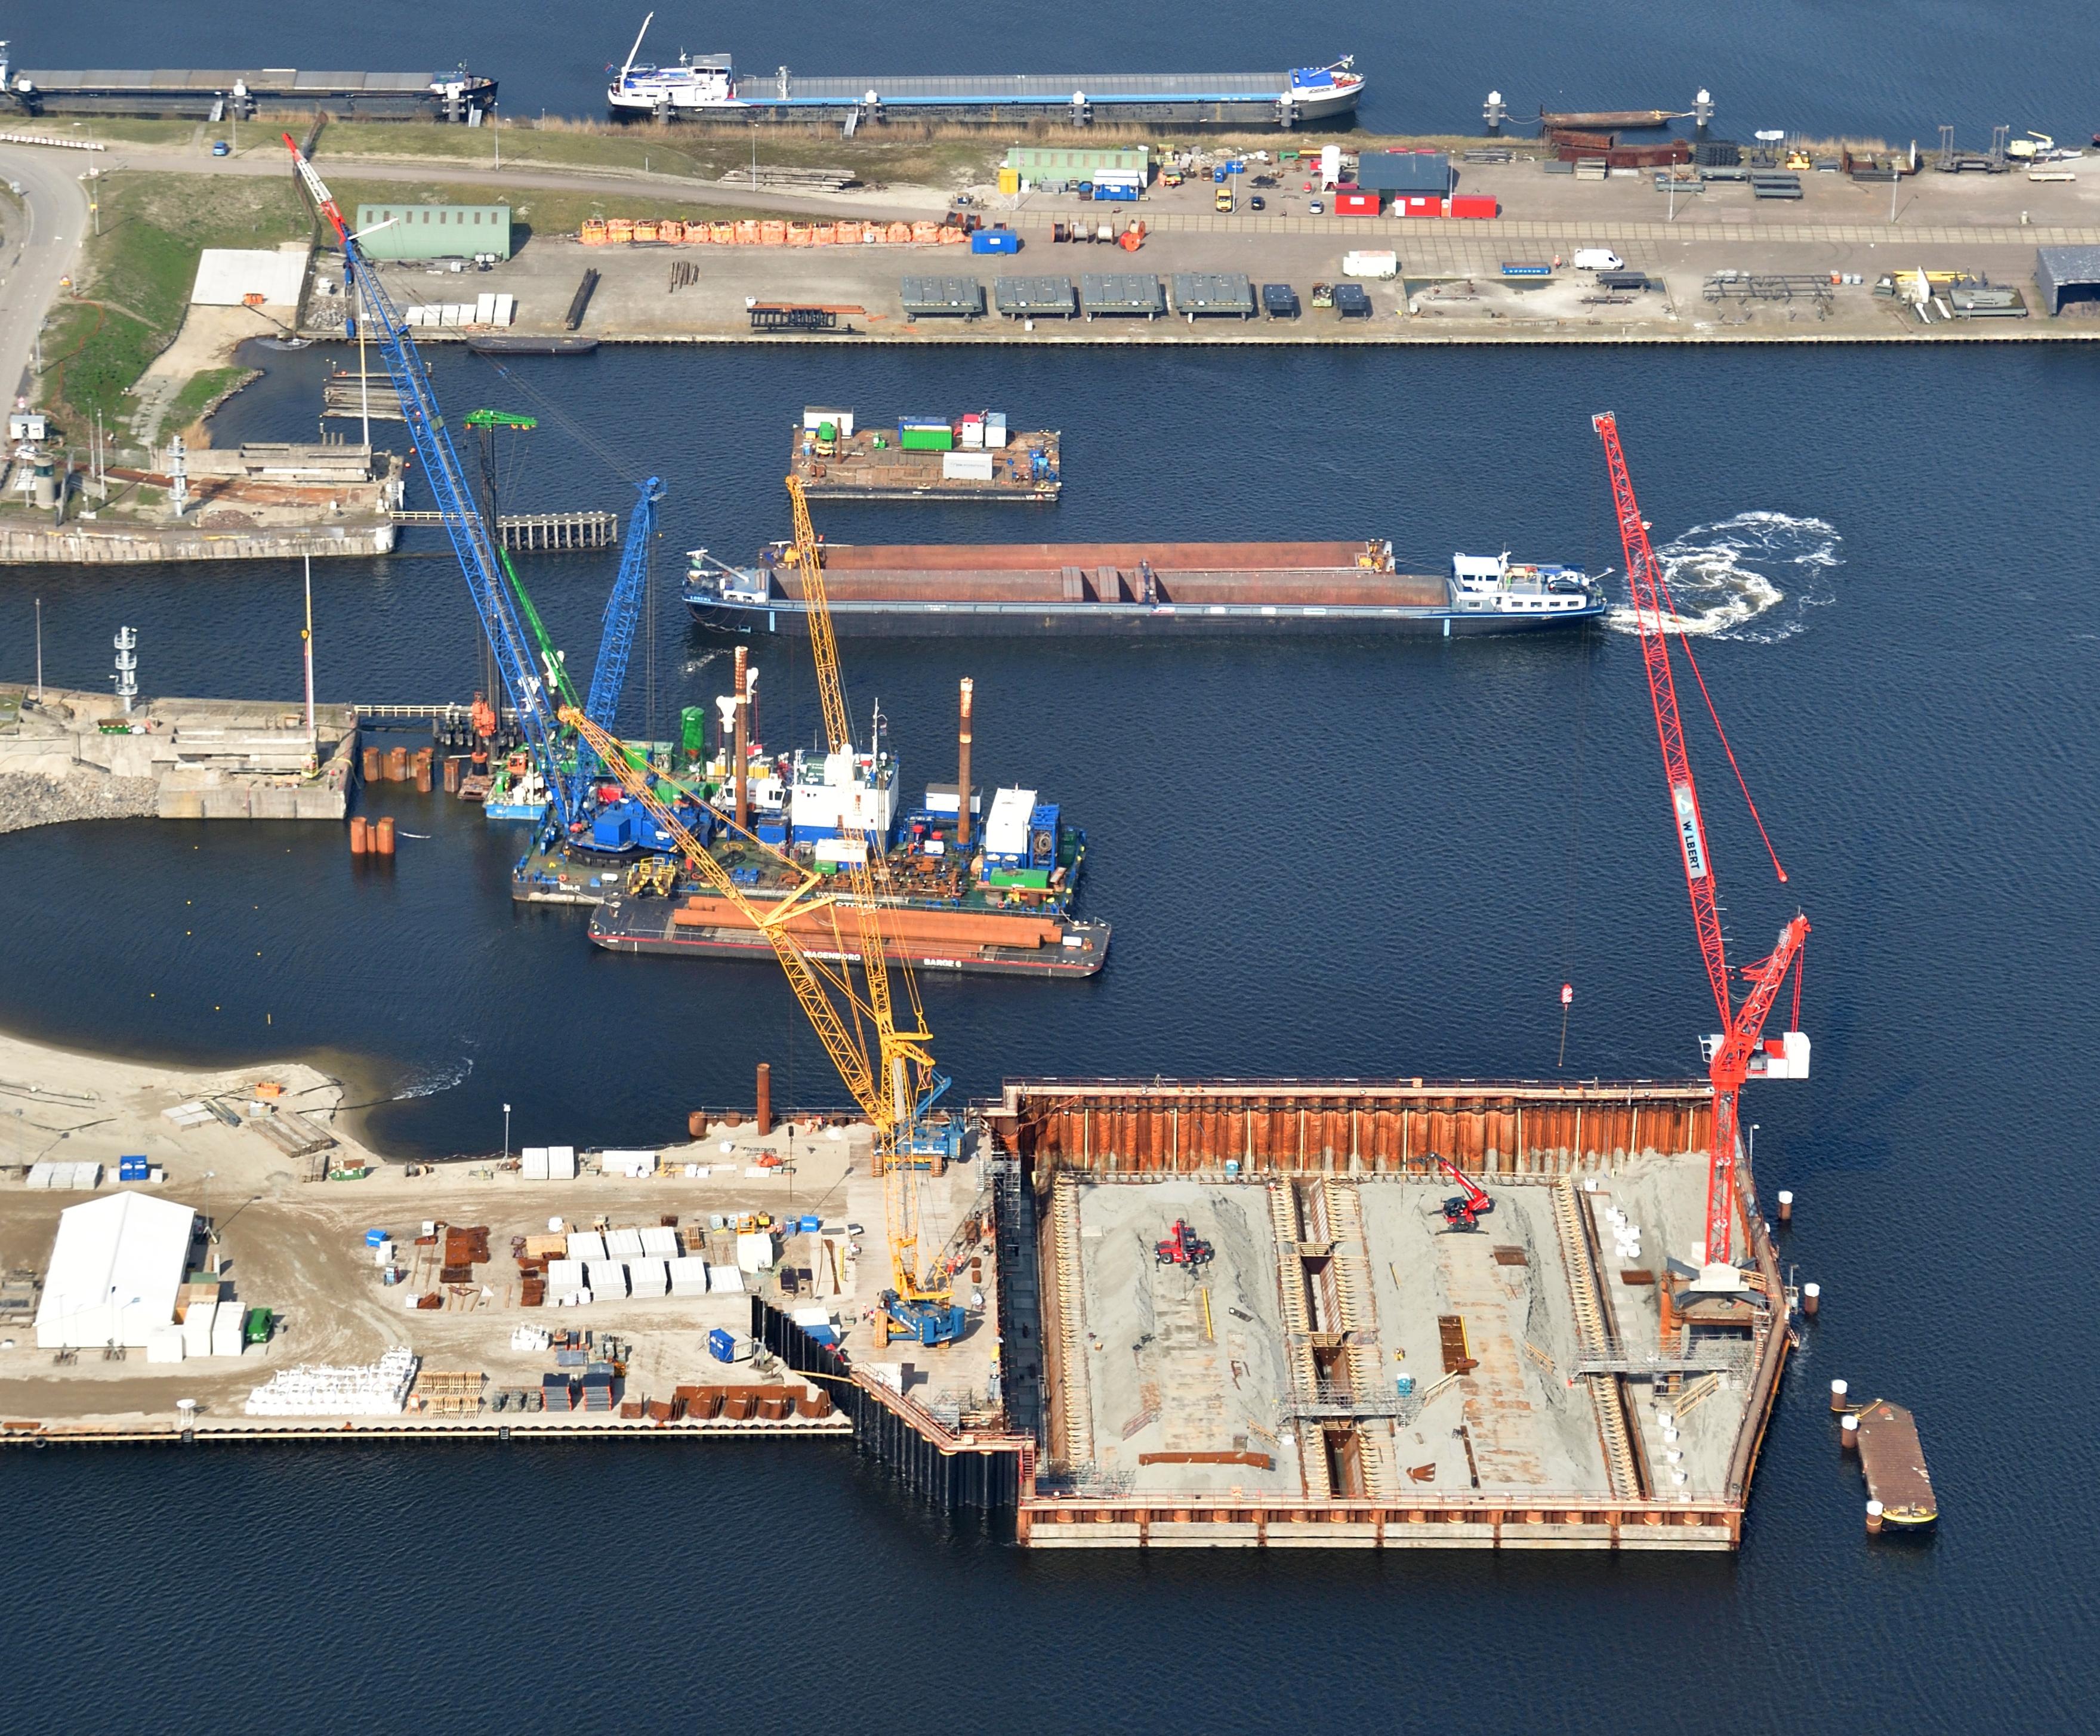 <p>De bouwkuip voor het binnenhoofd van de nieuwe zeesluis. Hier wordt een betonnen afzinkbare caisson opgebouwd. Uiteindelijk moet de constructie, met wanden van 7 meter dik, naar een diepte van 25 meter onder NAP worden gebracht. (Foto: Topview Fotografie)</p>